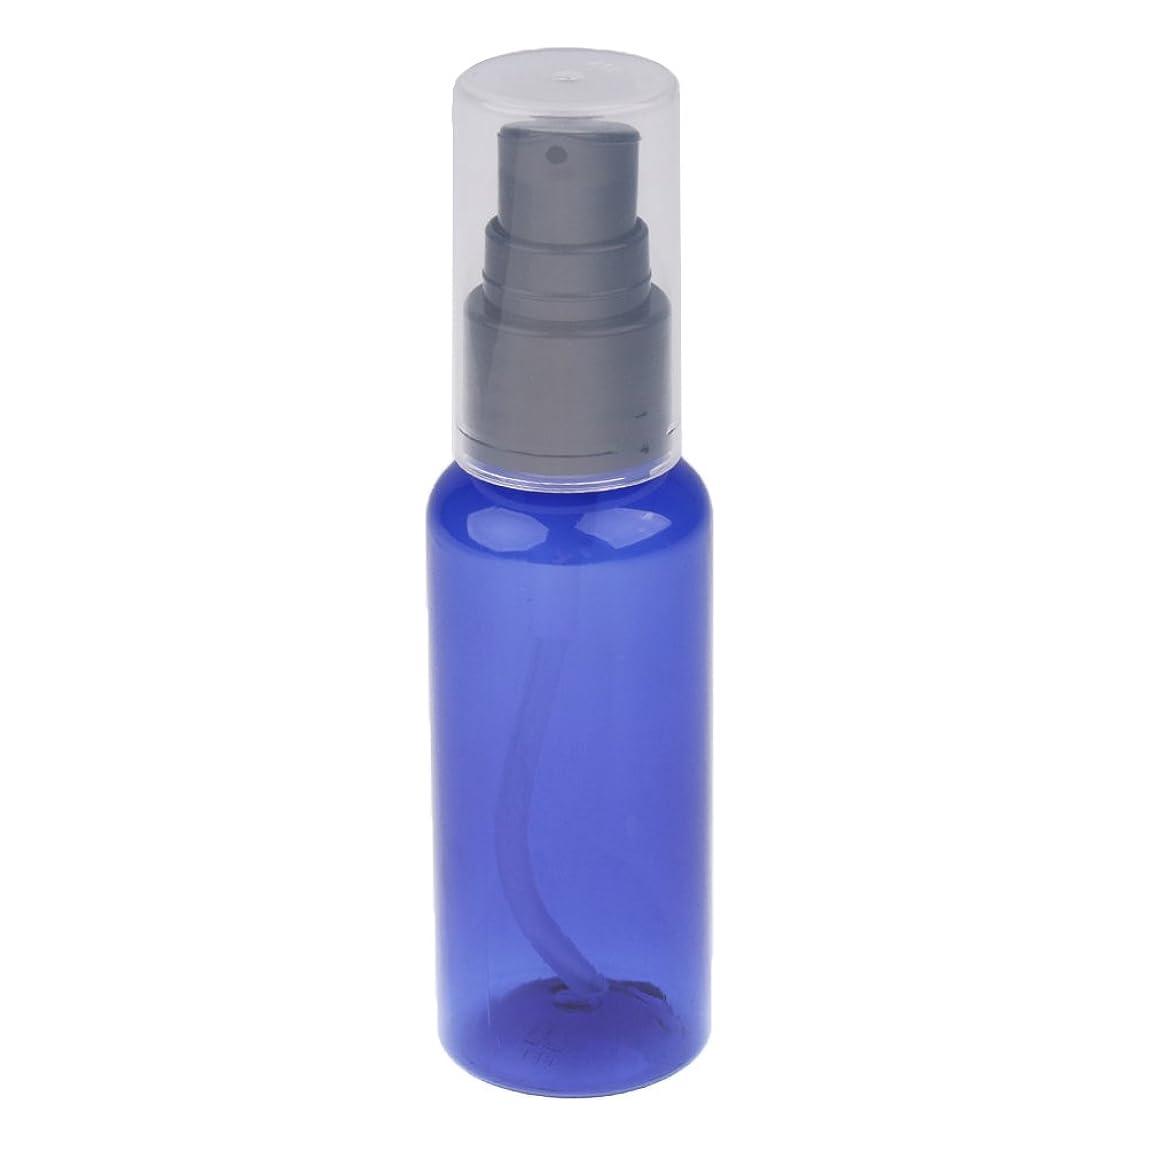 ホームレス上級大惨事スプレーボトル 50ml コバルト ブルー遮光 PETボトル ポンプ 【手作り化粧品】【手作りコスメ】